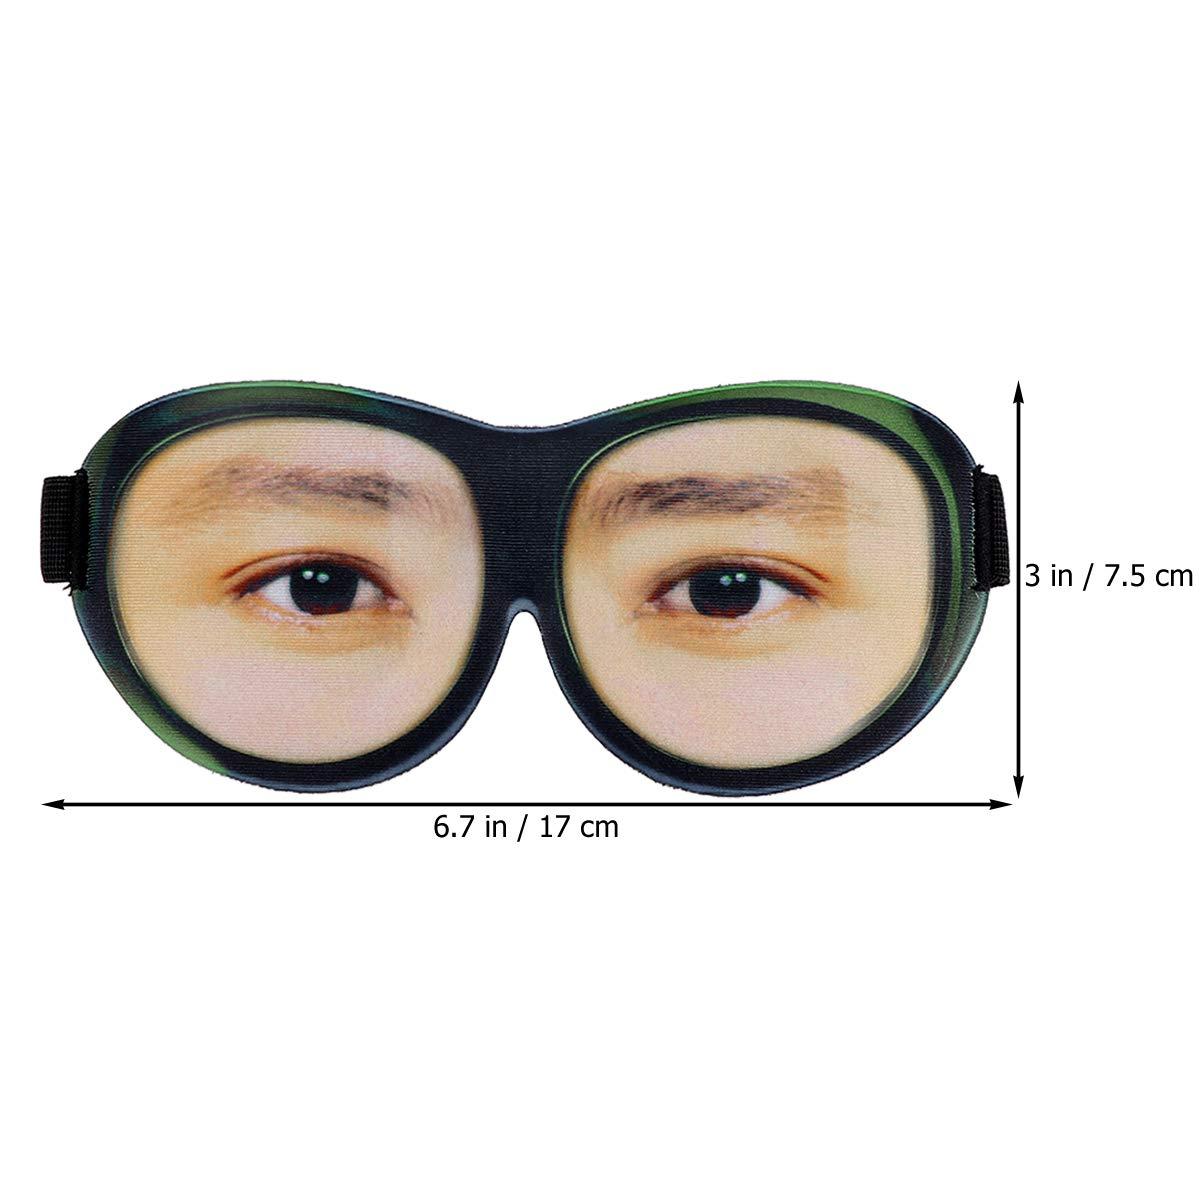 Beaupretty Lunettes de masque de sommeil 3D avec bandouli/ère r/églable Eye Eyeshade Sleeping Eyeshade Light Blocking Masque pour Voyage /à la maison Voyage en plein air